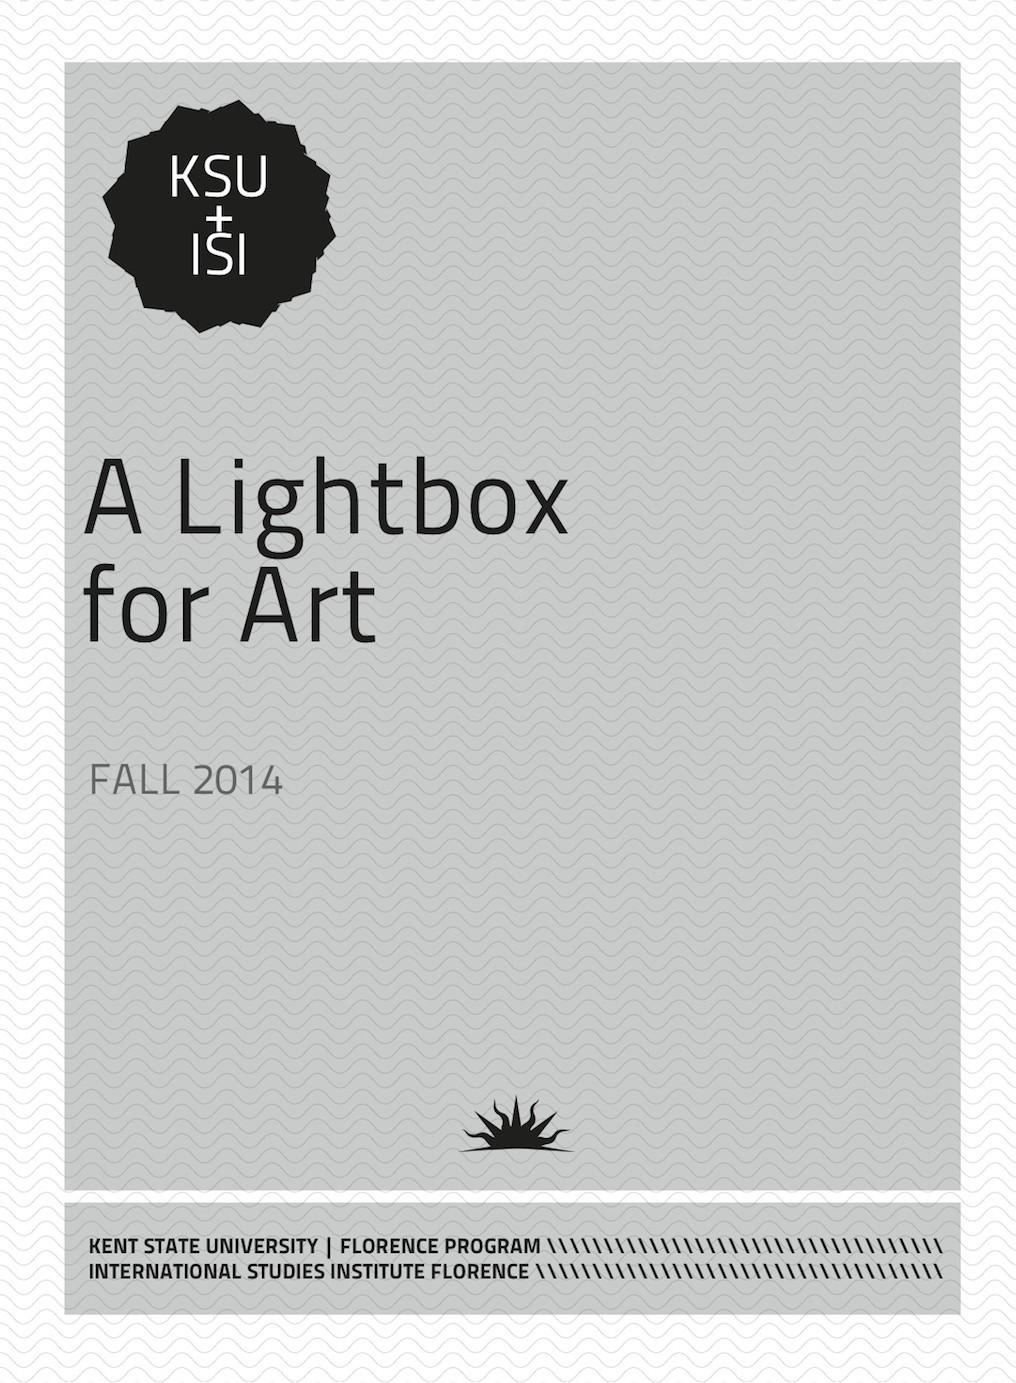 A Lightbox for Art - Fall 2014.